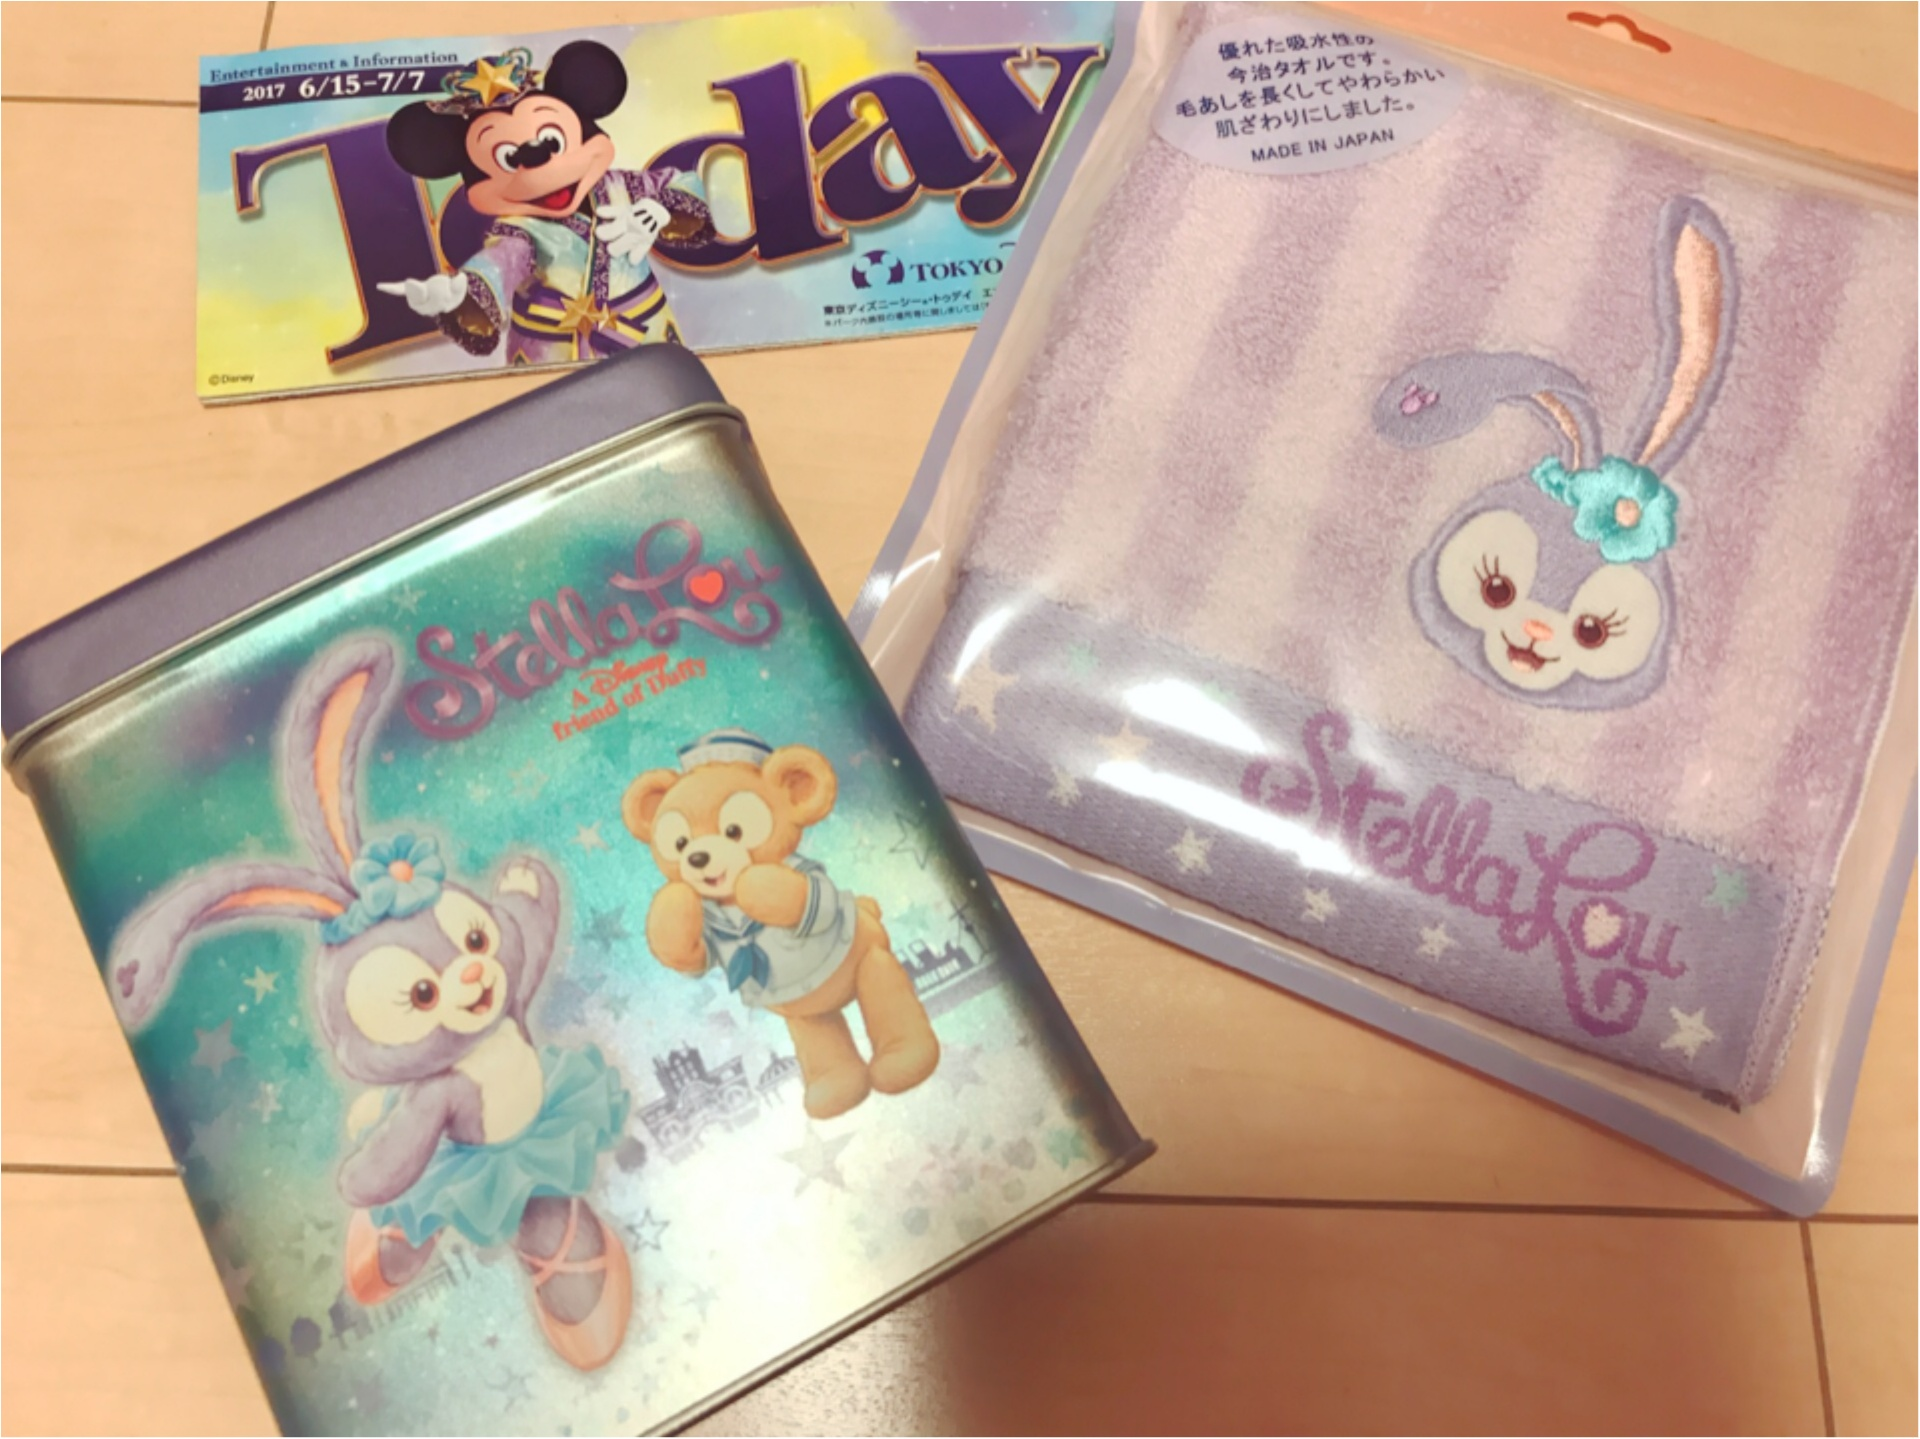 【Disney Sea】ダッフィーのお友だち、話題のステラ・ルー 会ってきました ♡♡ グッズも大公開!_7